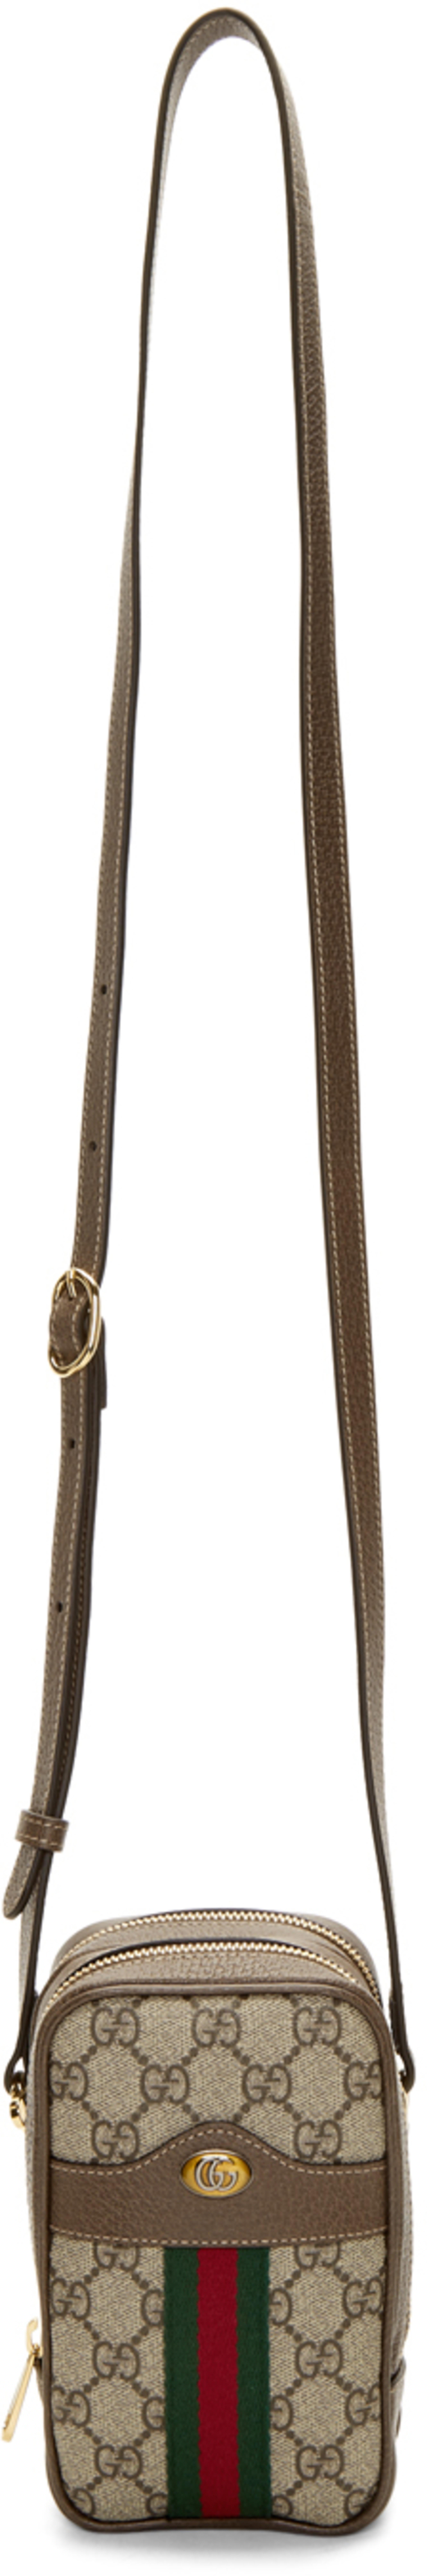 8eb4a26b01f2e Gucci bags for Women